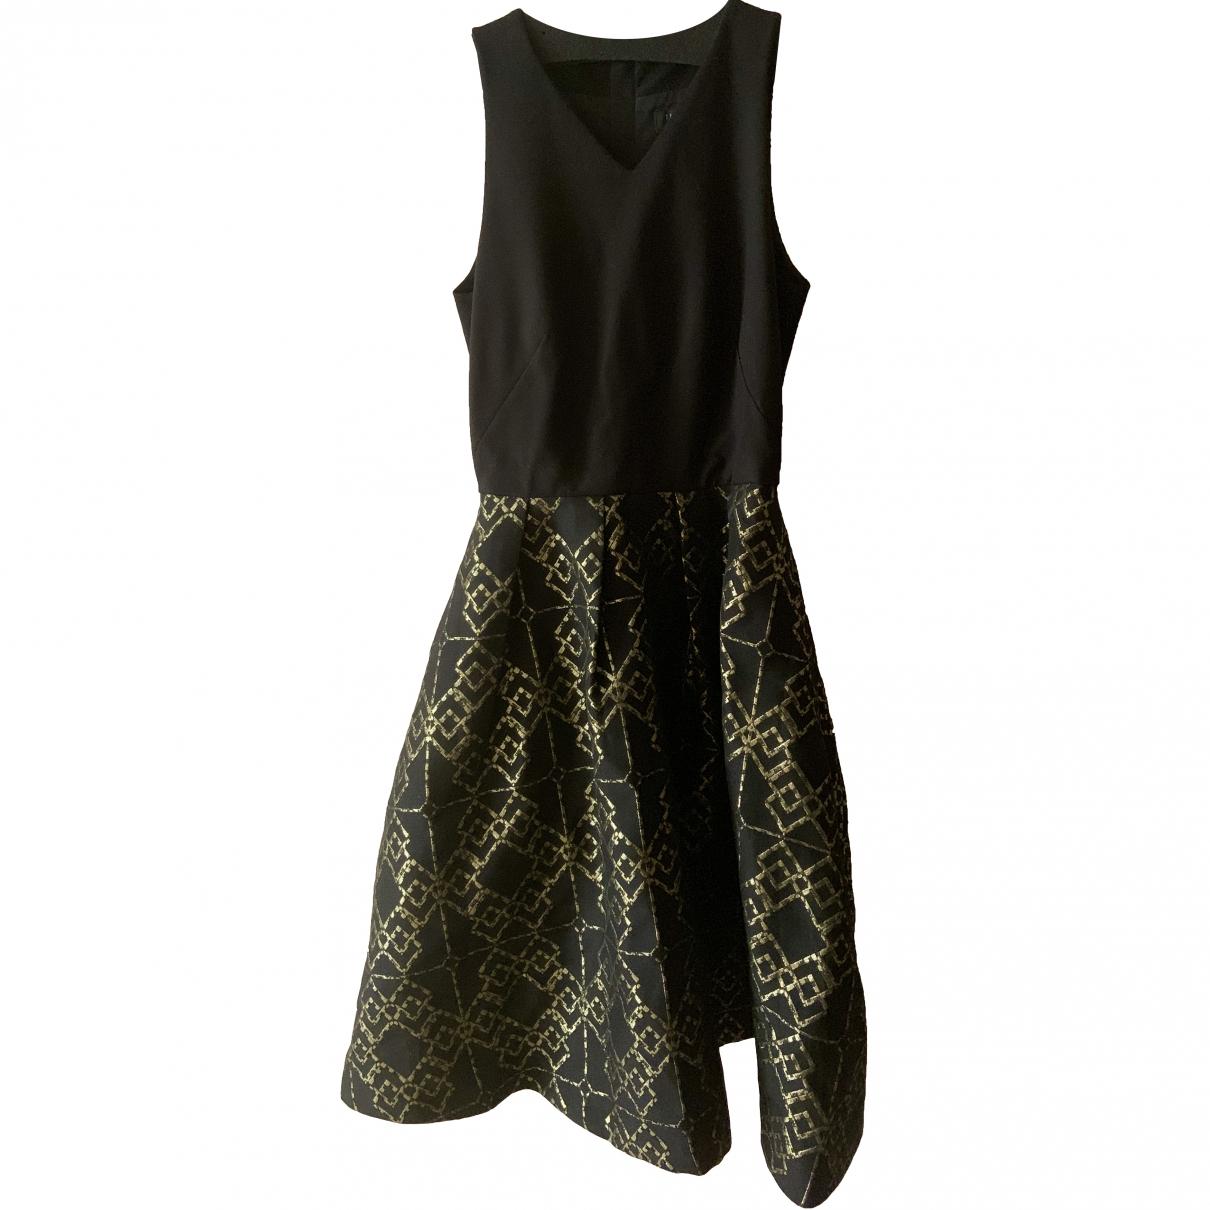 Ted Baker \N Black dress for Women 6 UK